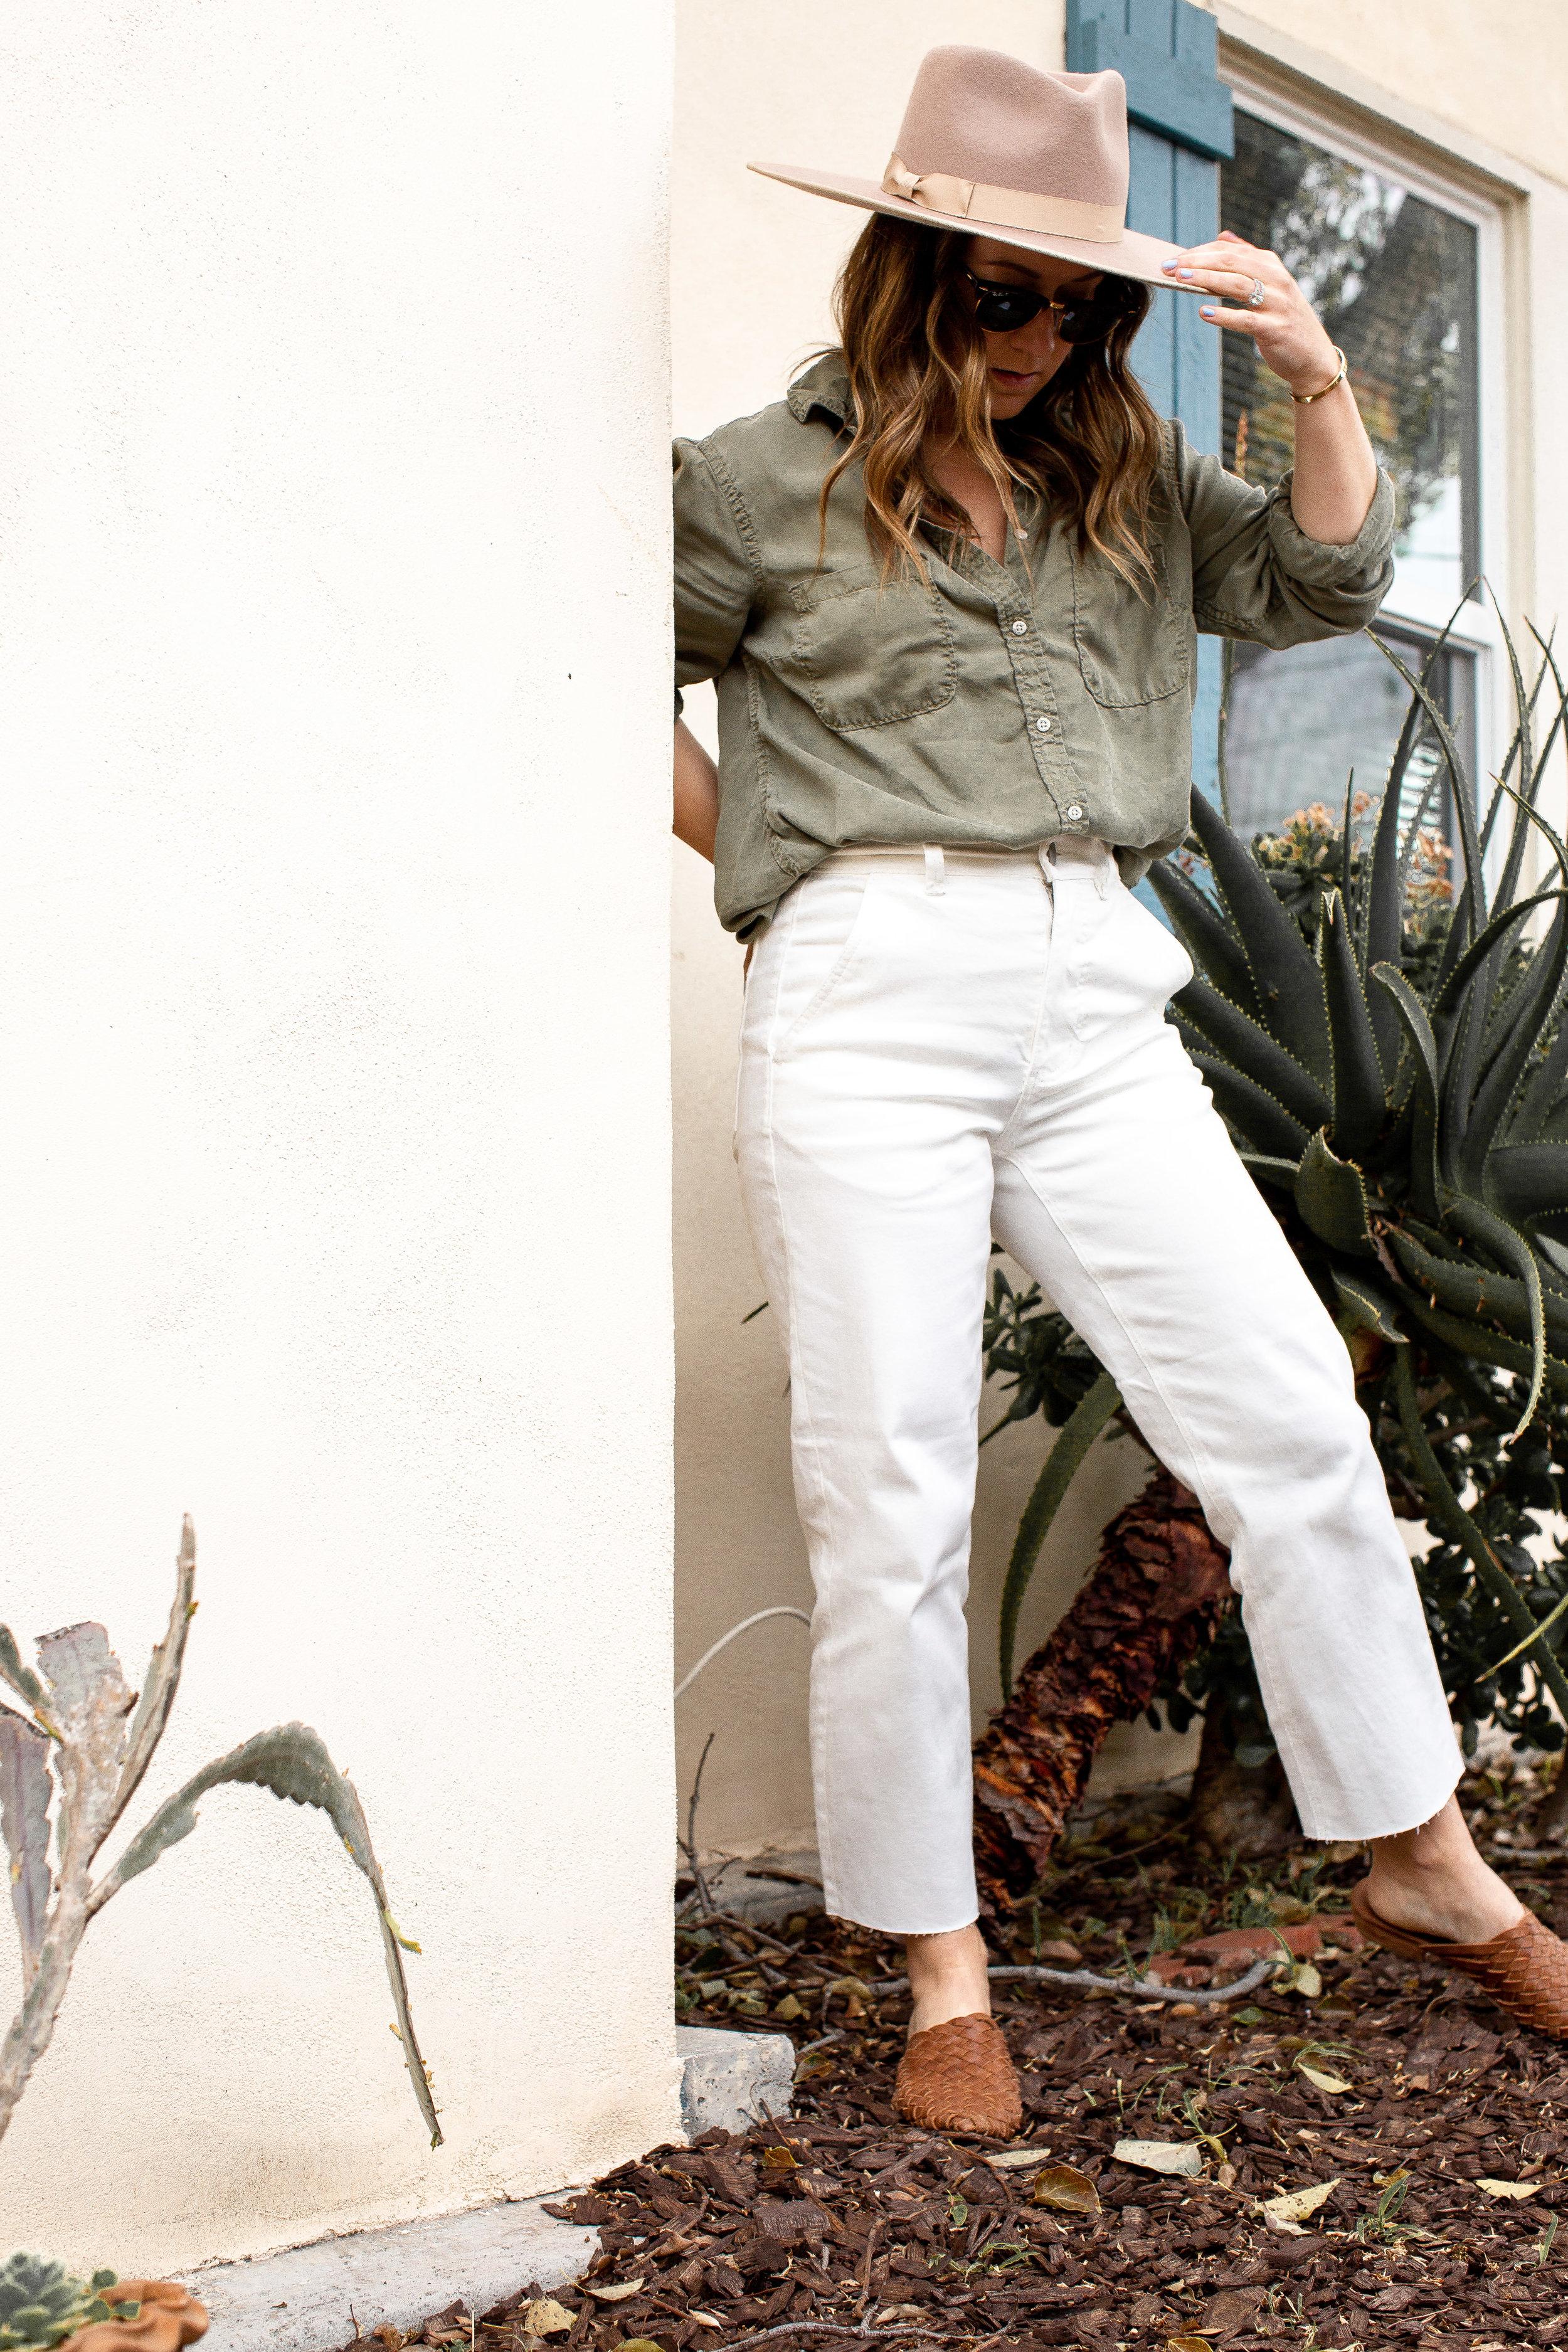 fizz-fade-everlane-jeans_greentop-13.jpg